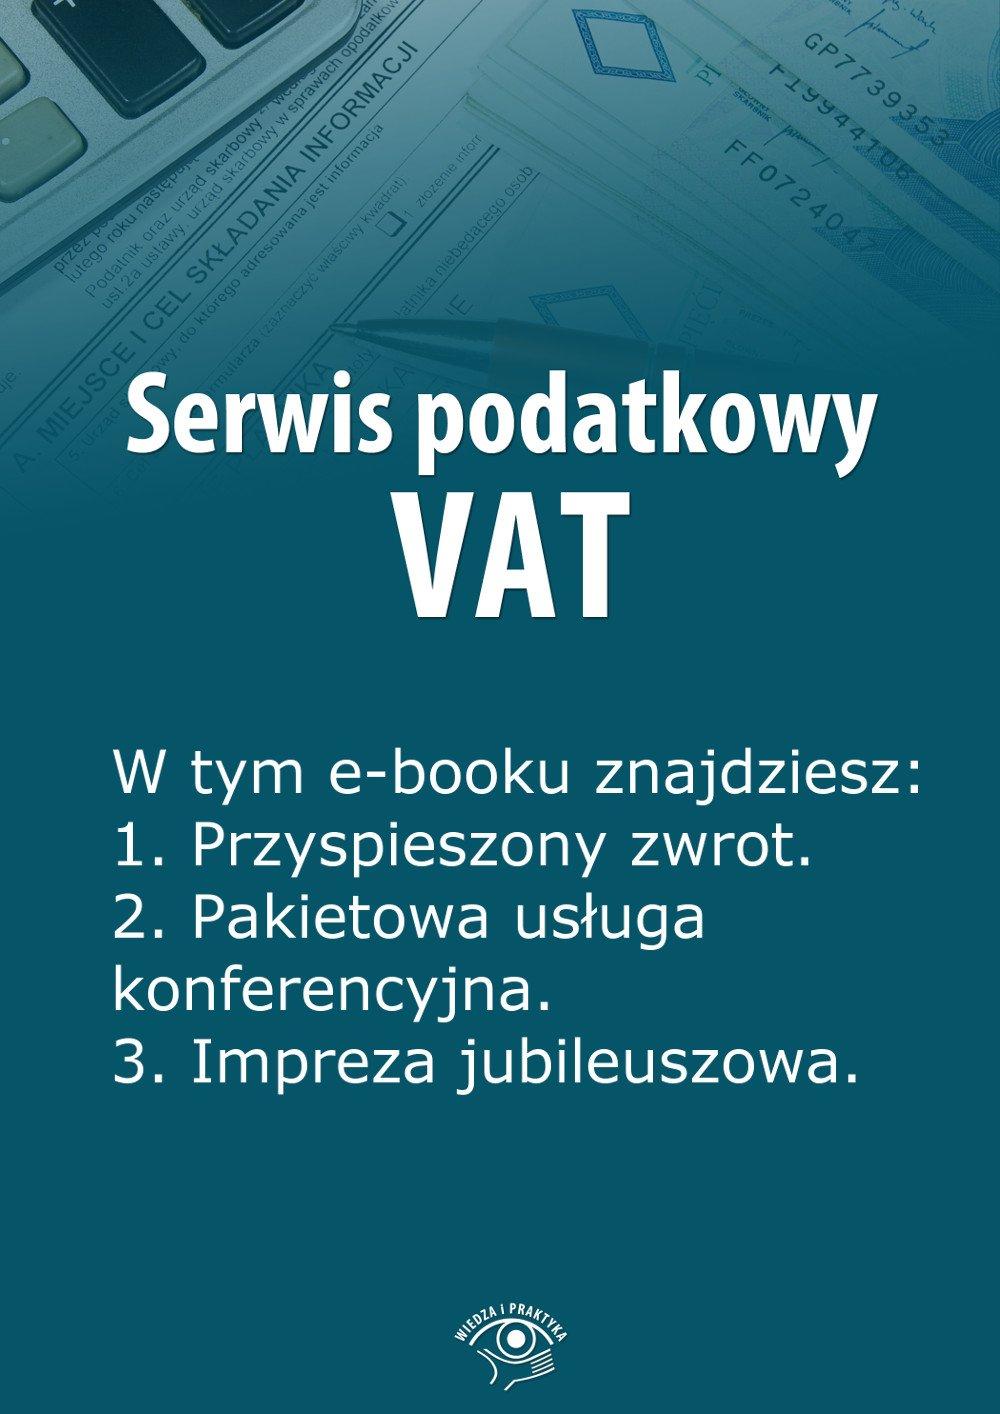 Serwis podatkowy VAT. Wydanie maj 2014 r. - Ebook (Książka EPUB) do pobrania w formacie EPUB